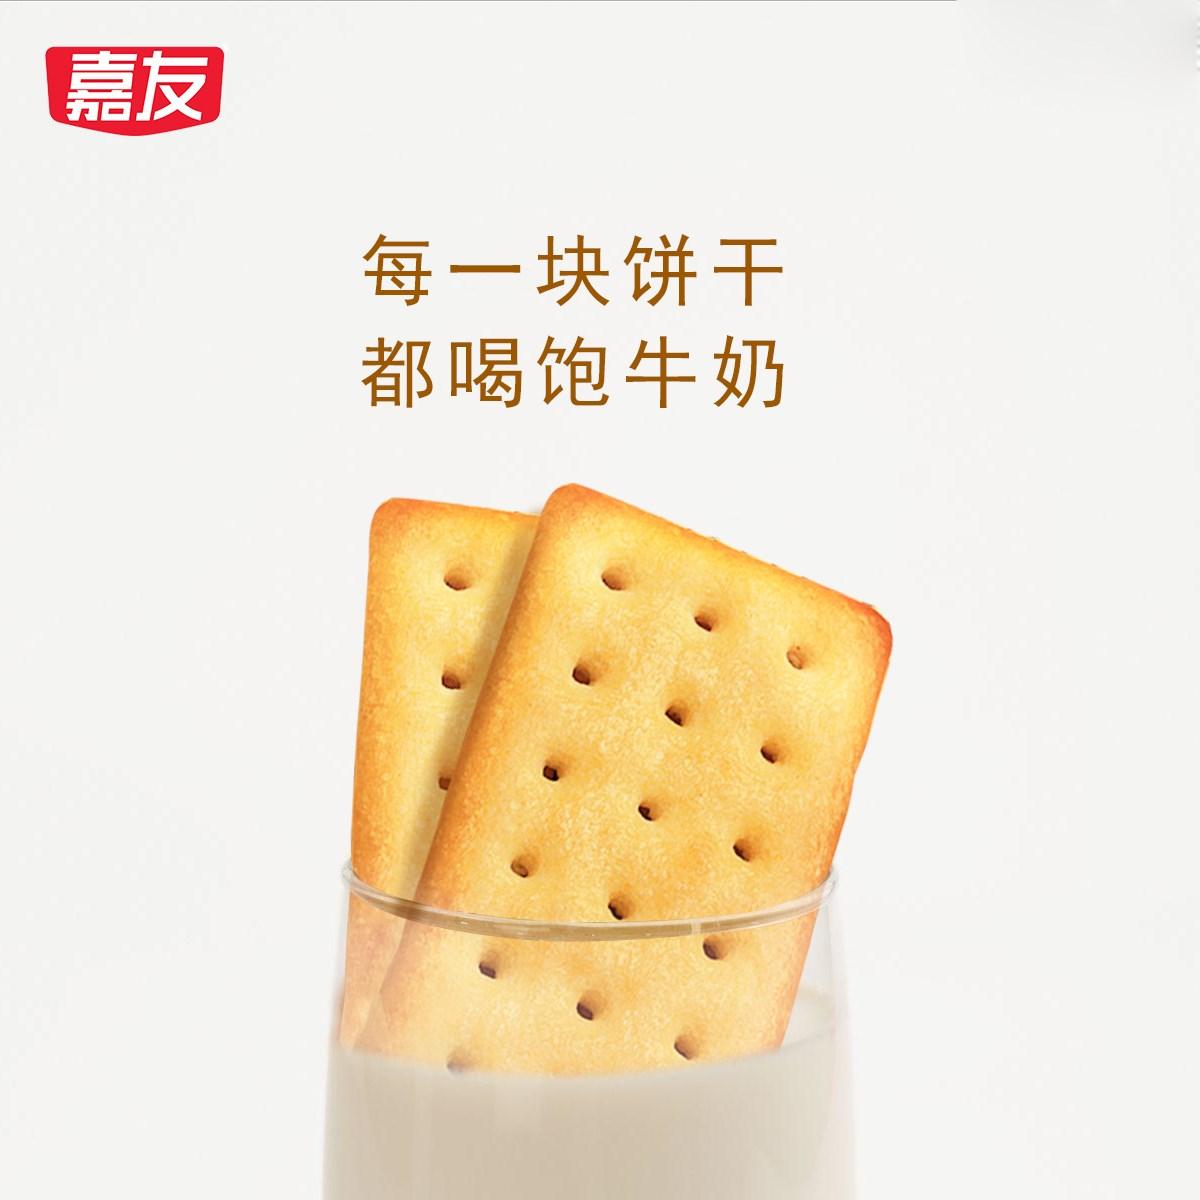 嘉友牛乳系列饼干